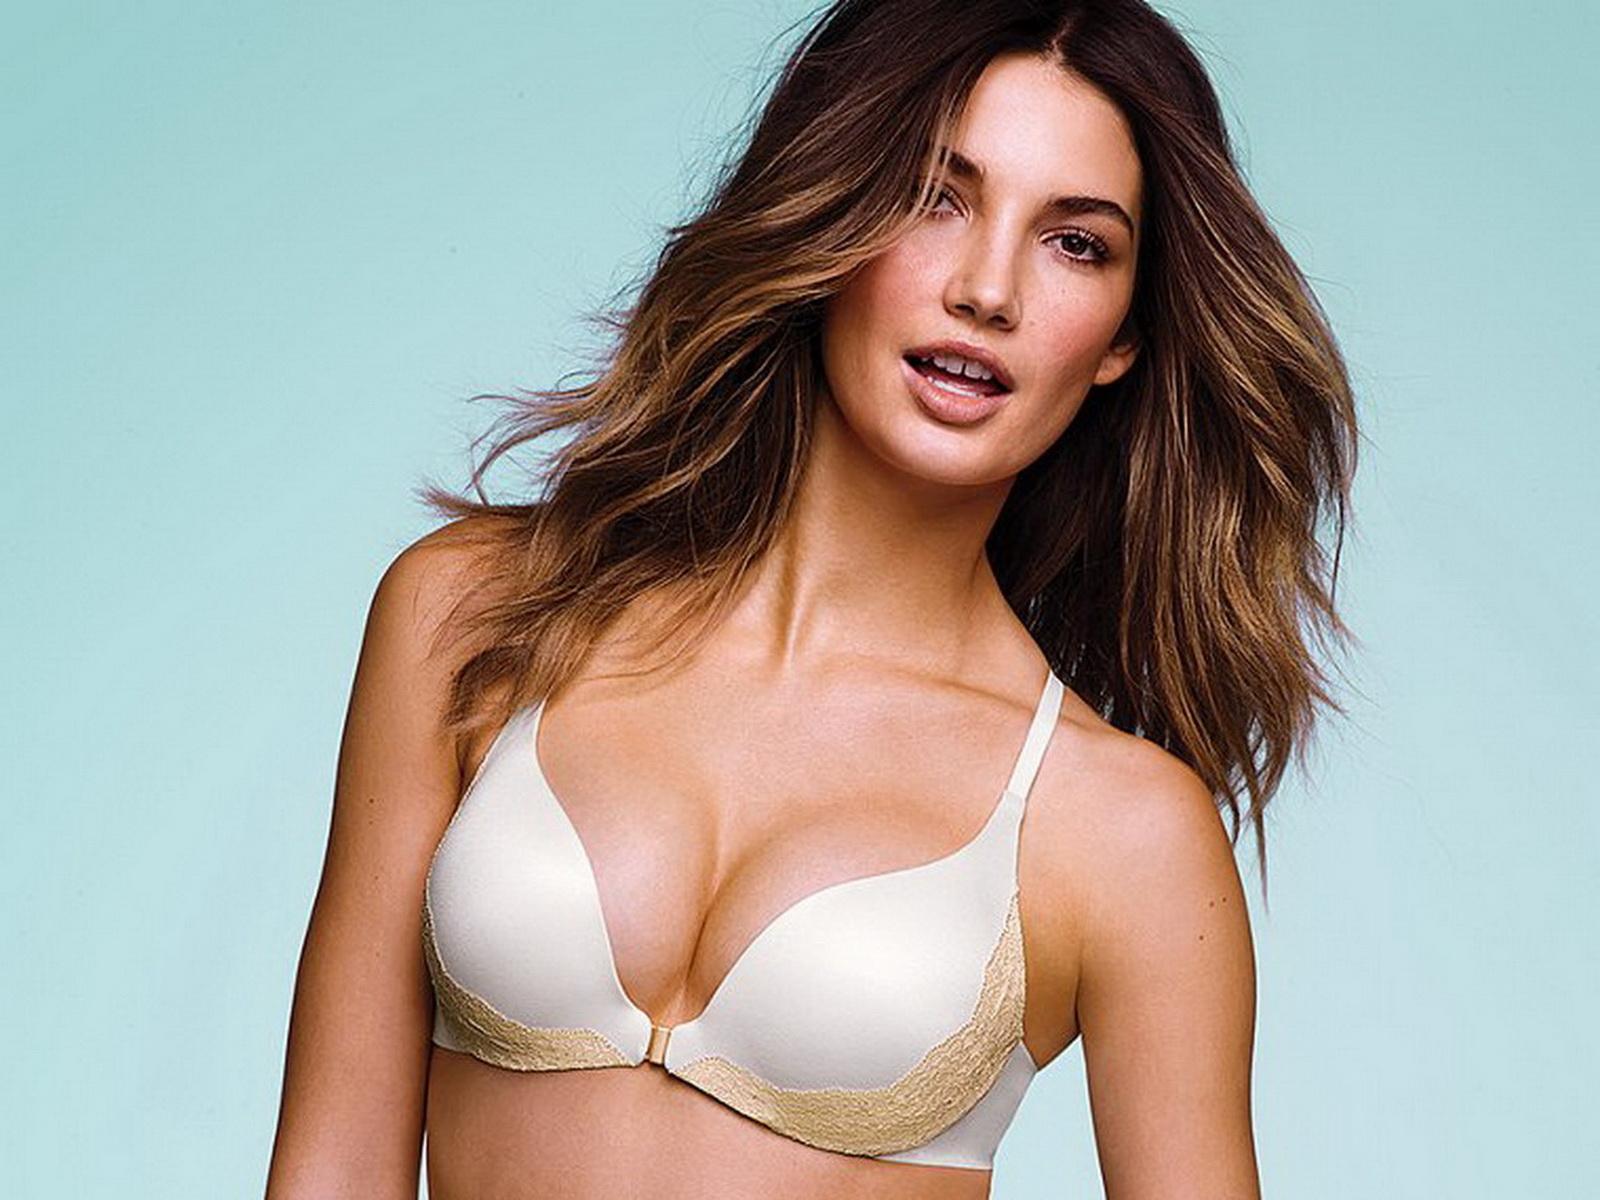 http://2.bp.blogspot.com/-wzYAHrT8Hq4/T2pjcz2L1xI/AAAAAAAAAes/TkftylQY_oE/s1600/Lily+Aldridge+hot+in+sexy+Victoria\'s+Secret+lingerie+2012+March+(2).jpg